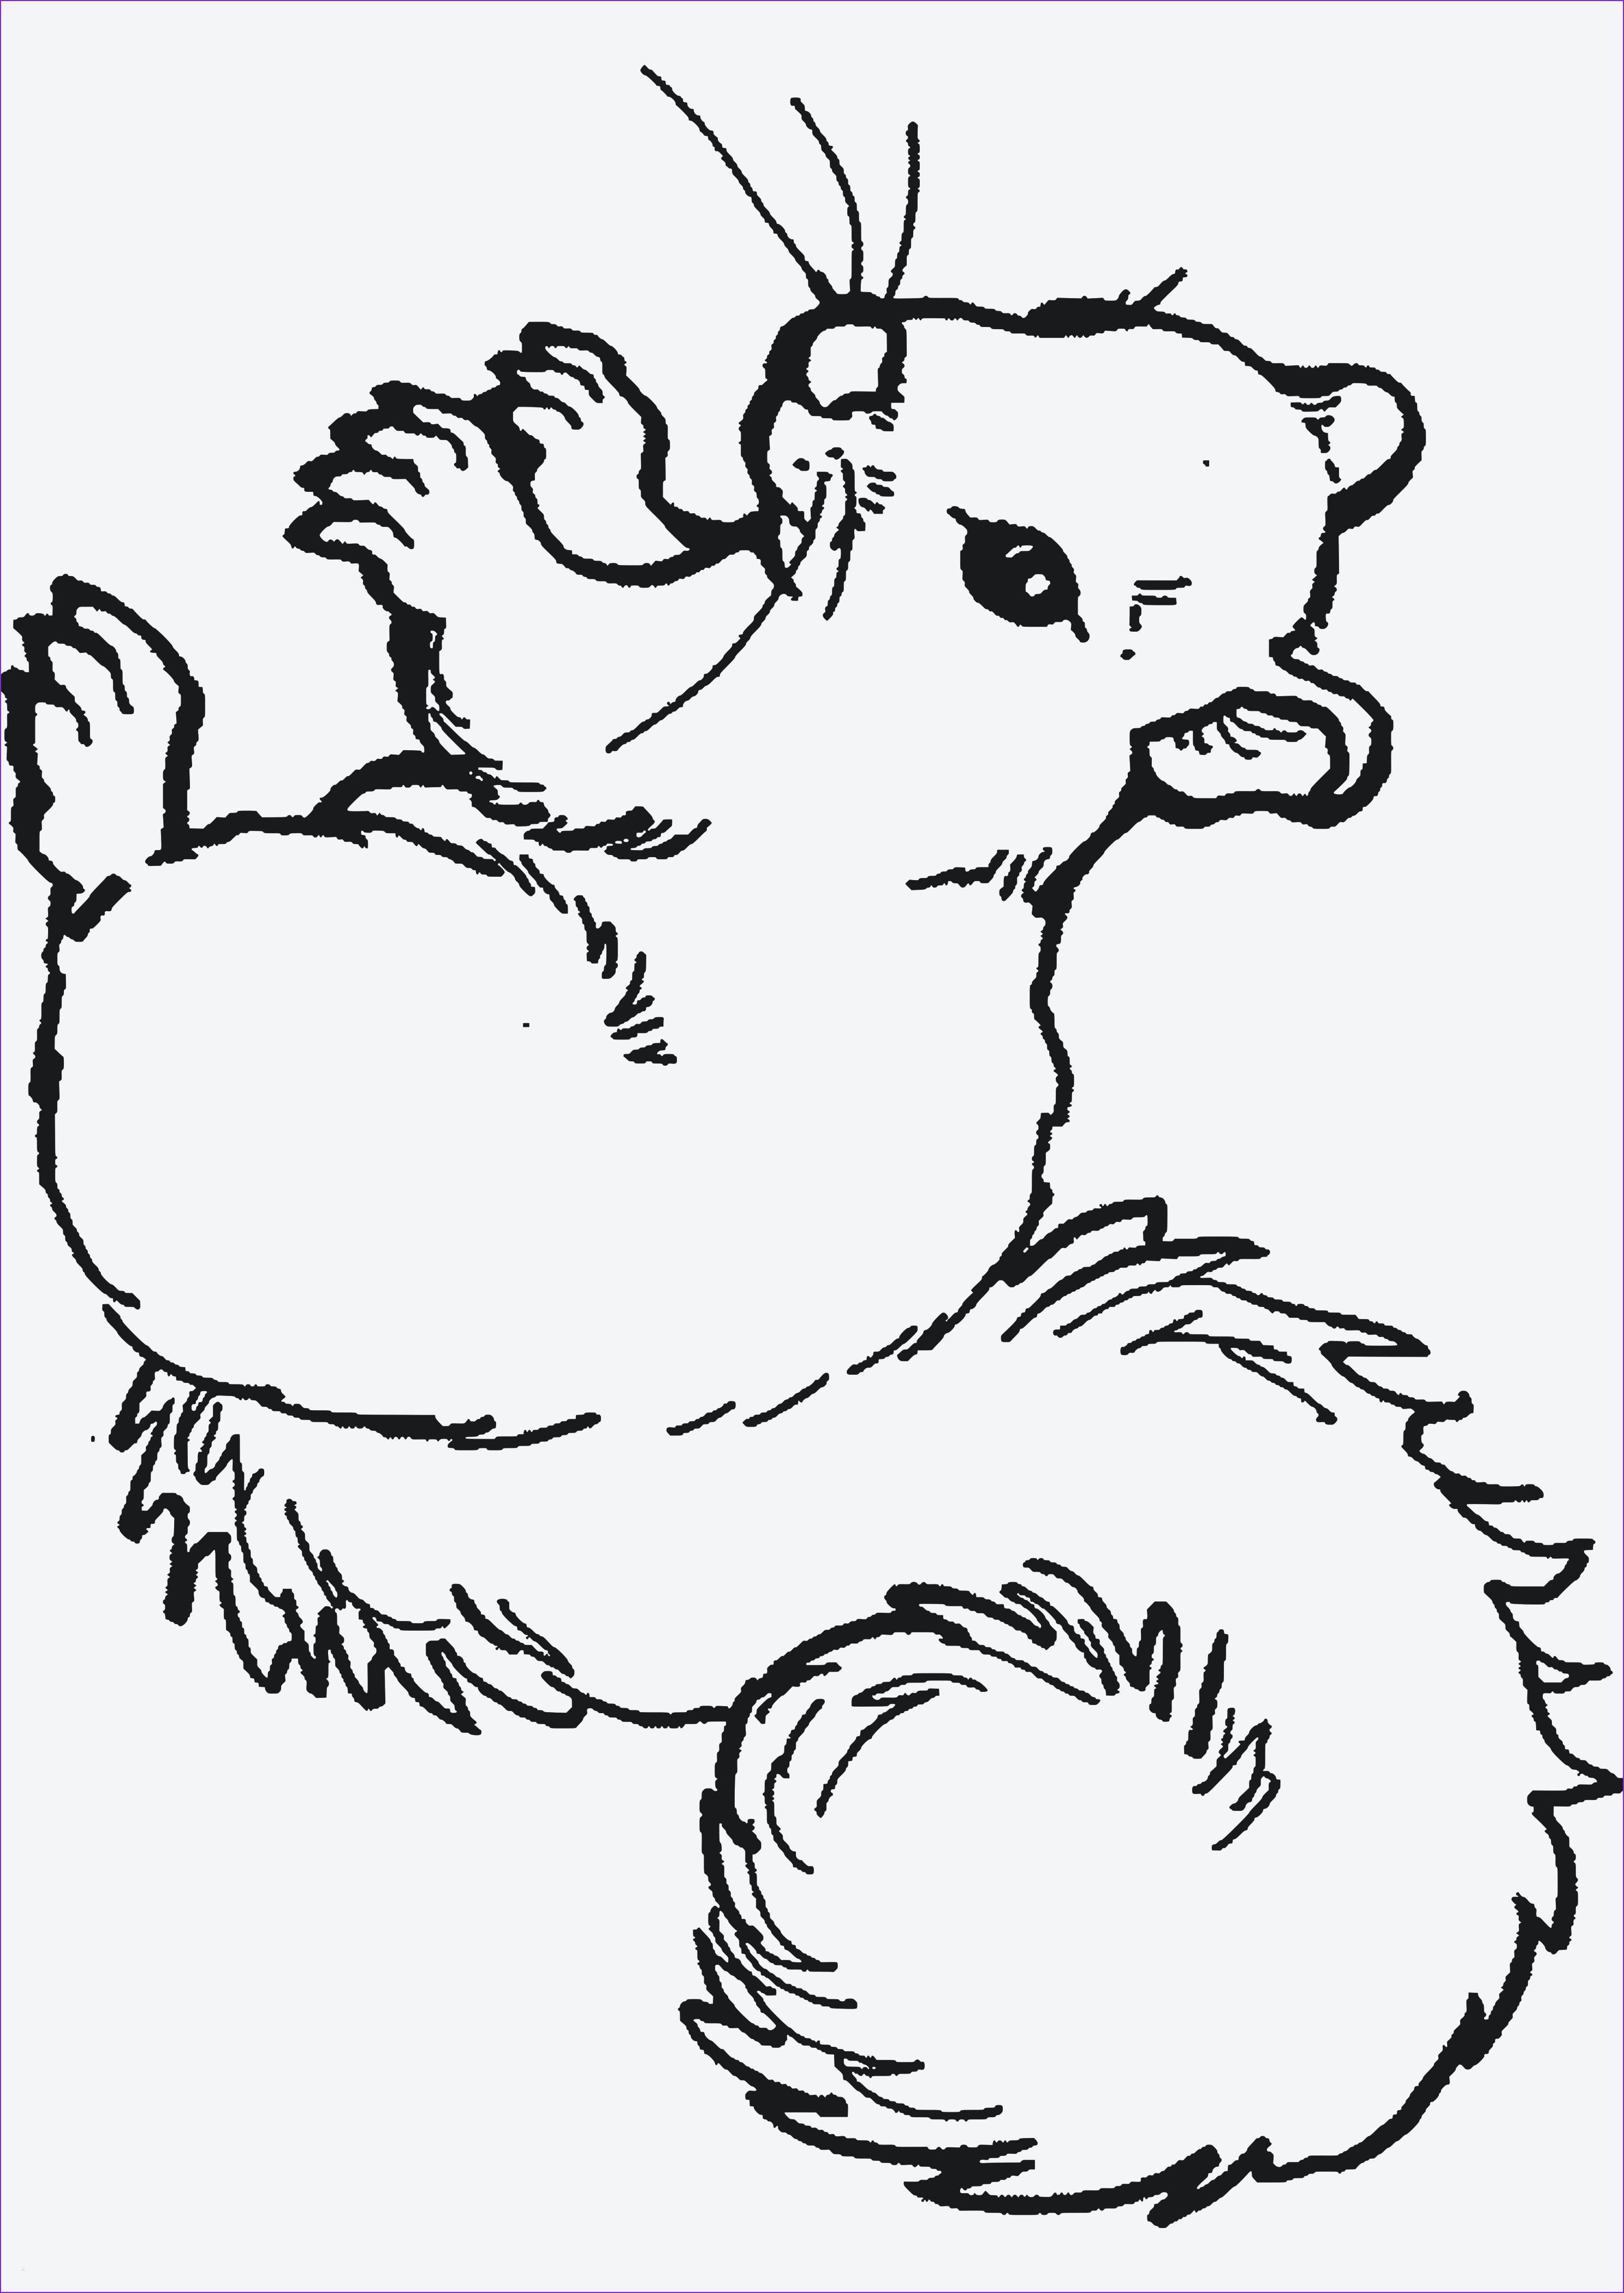 mickeycarrollmunchkin ausmalbilder erwachsene wolf meilleur de photos malvorlagen igel elegant igel grundschule 0d archives uploadertalk